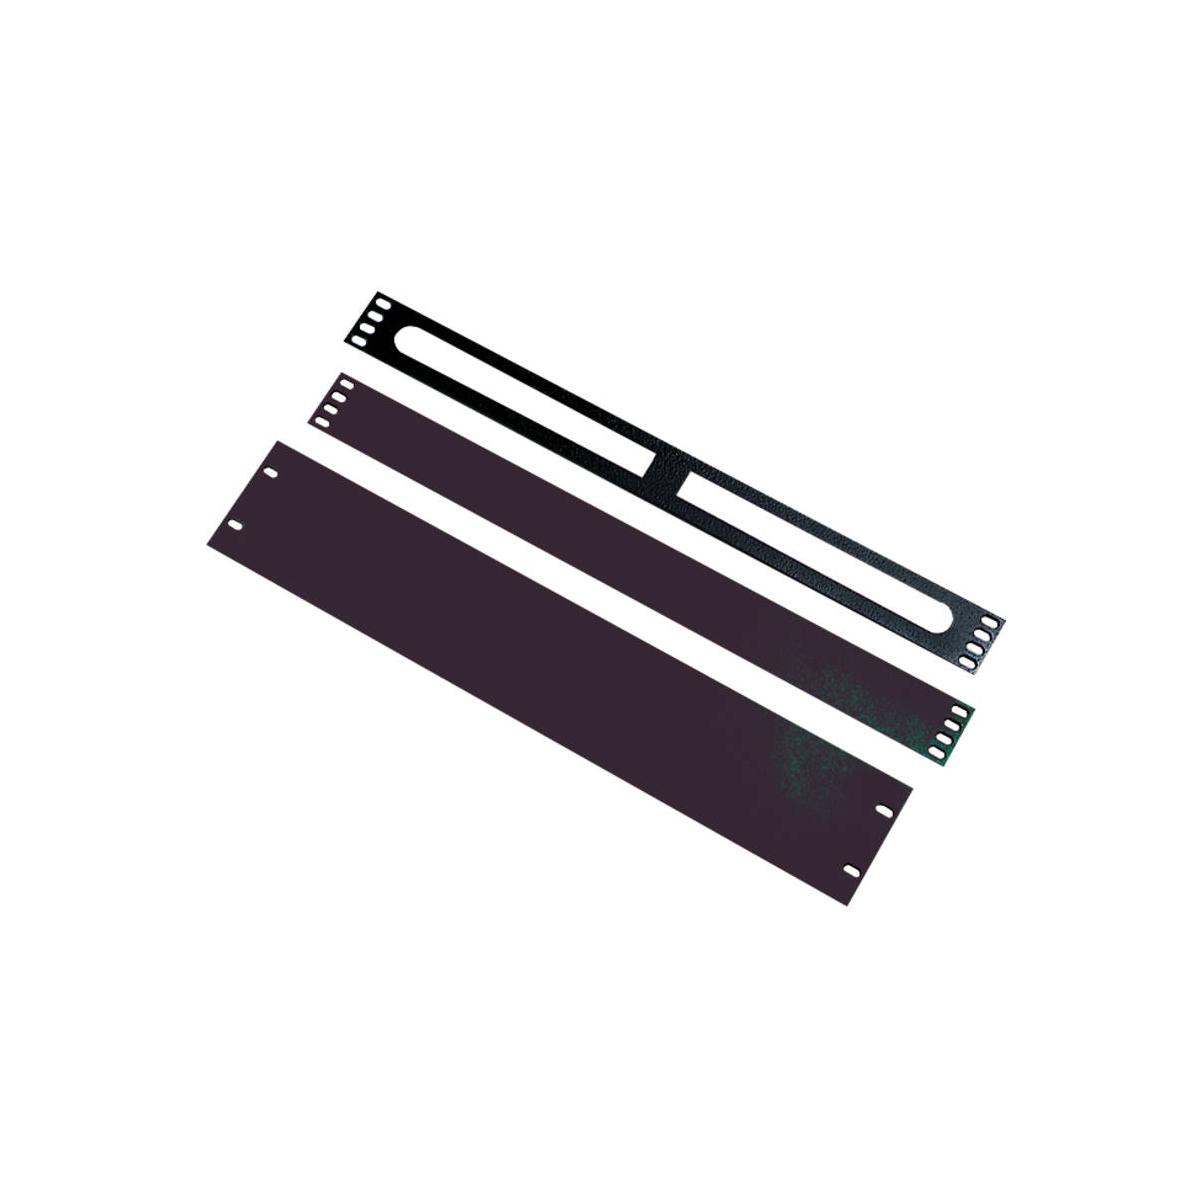 Excel 3U Blank Plate Black